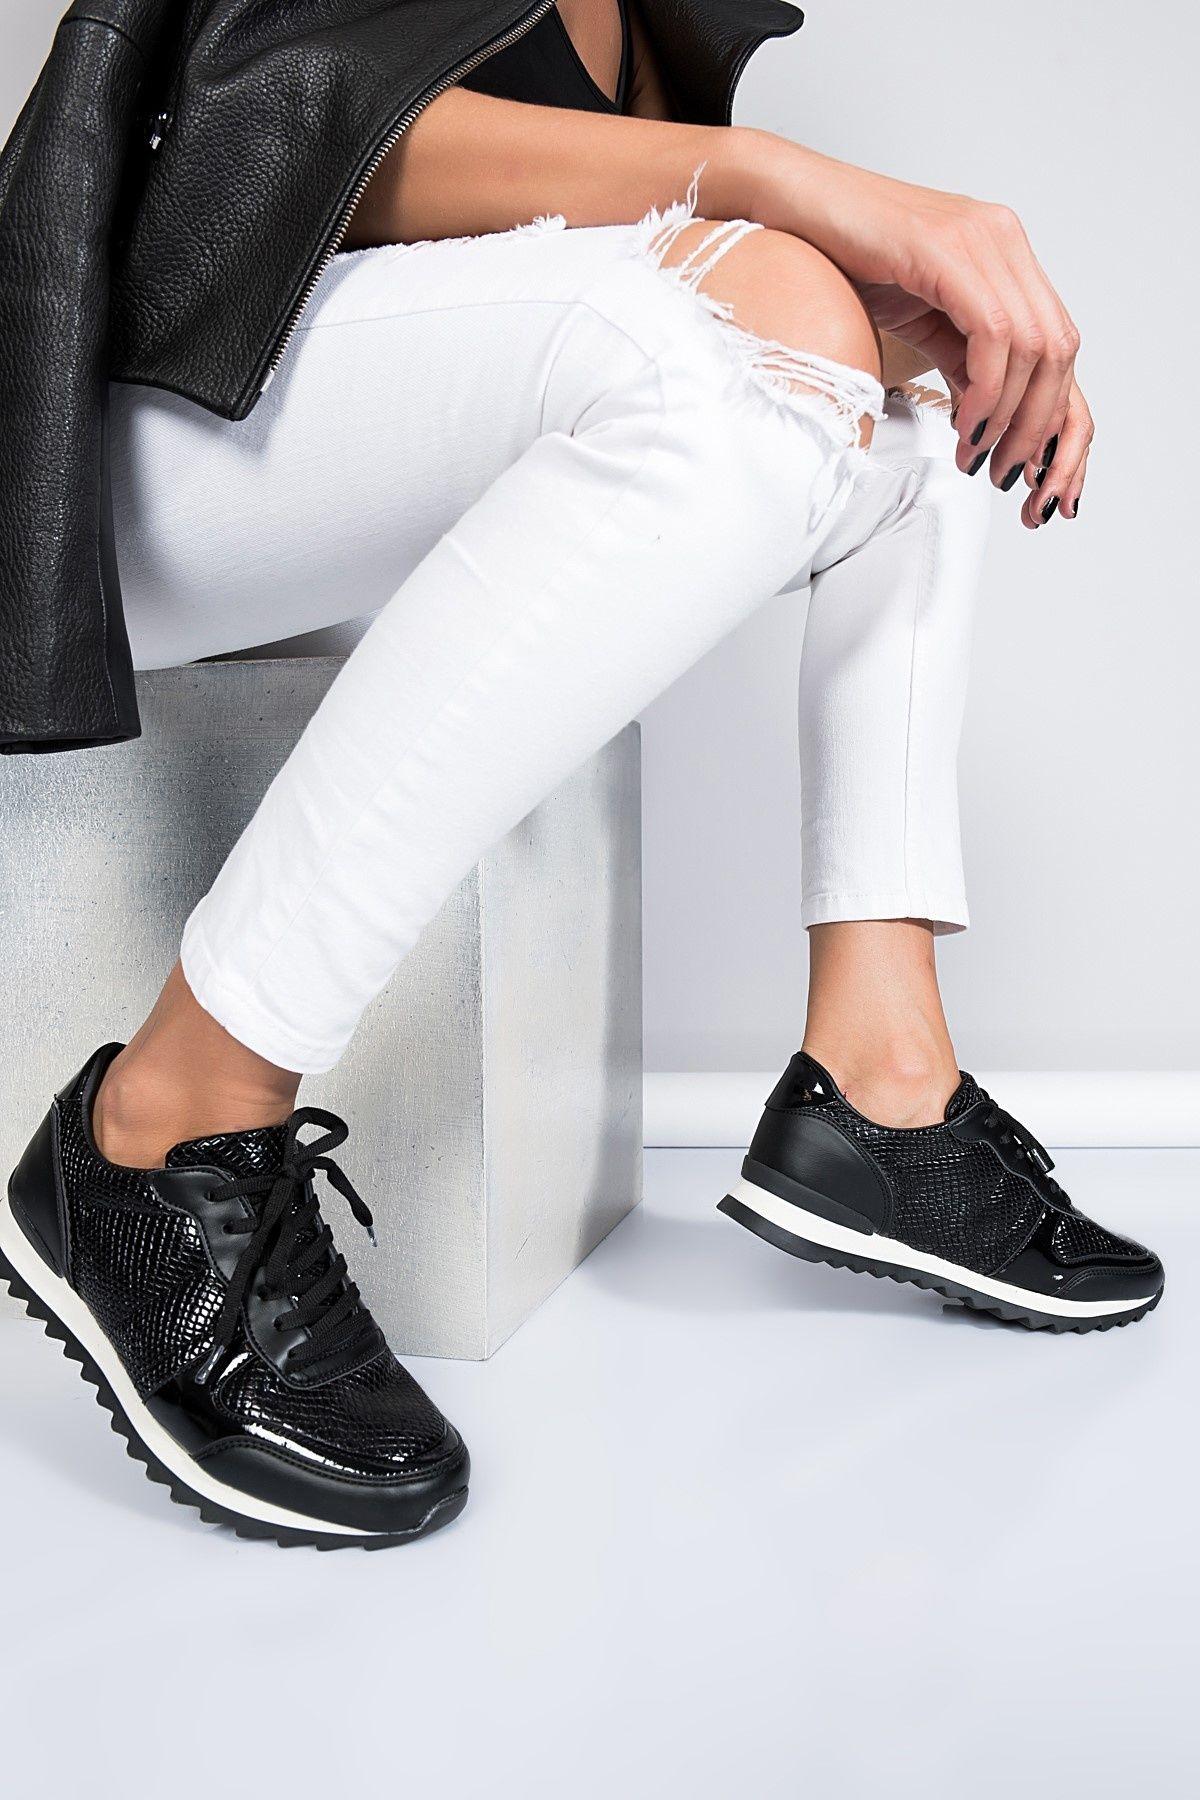 Shoes And Bags Panosundaki Pin